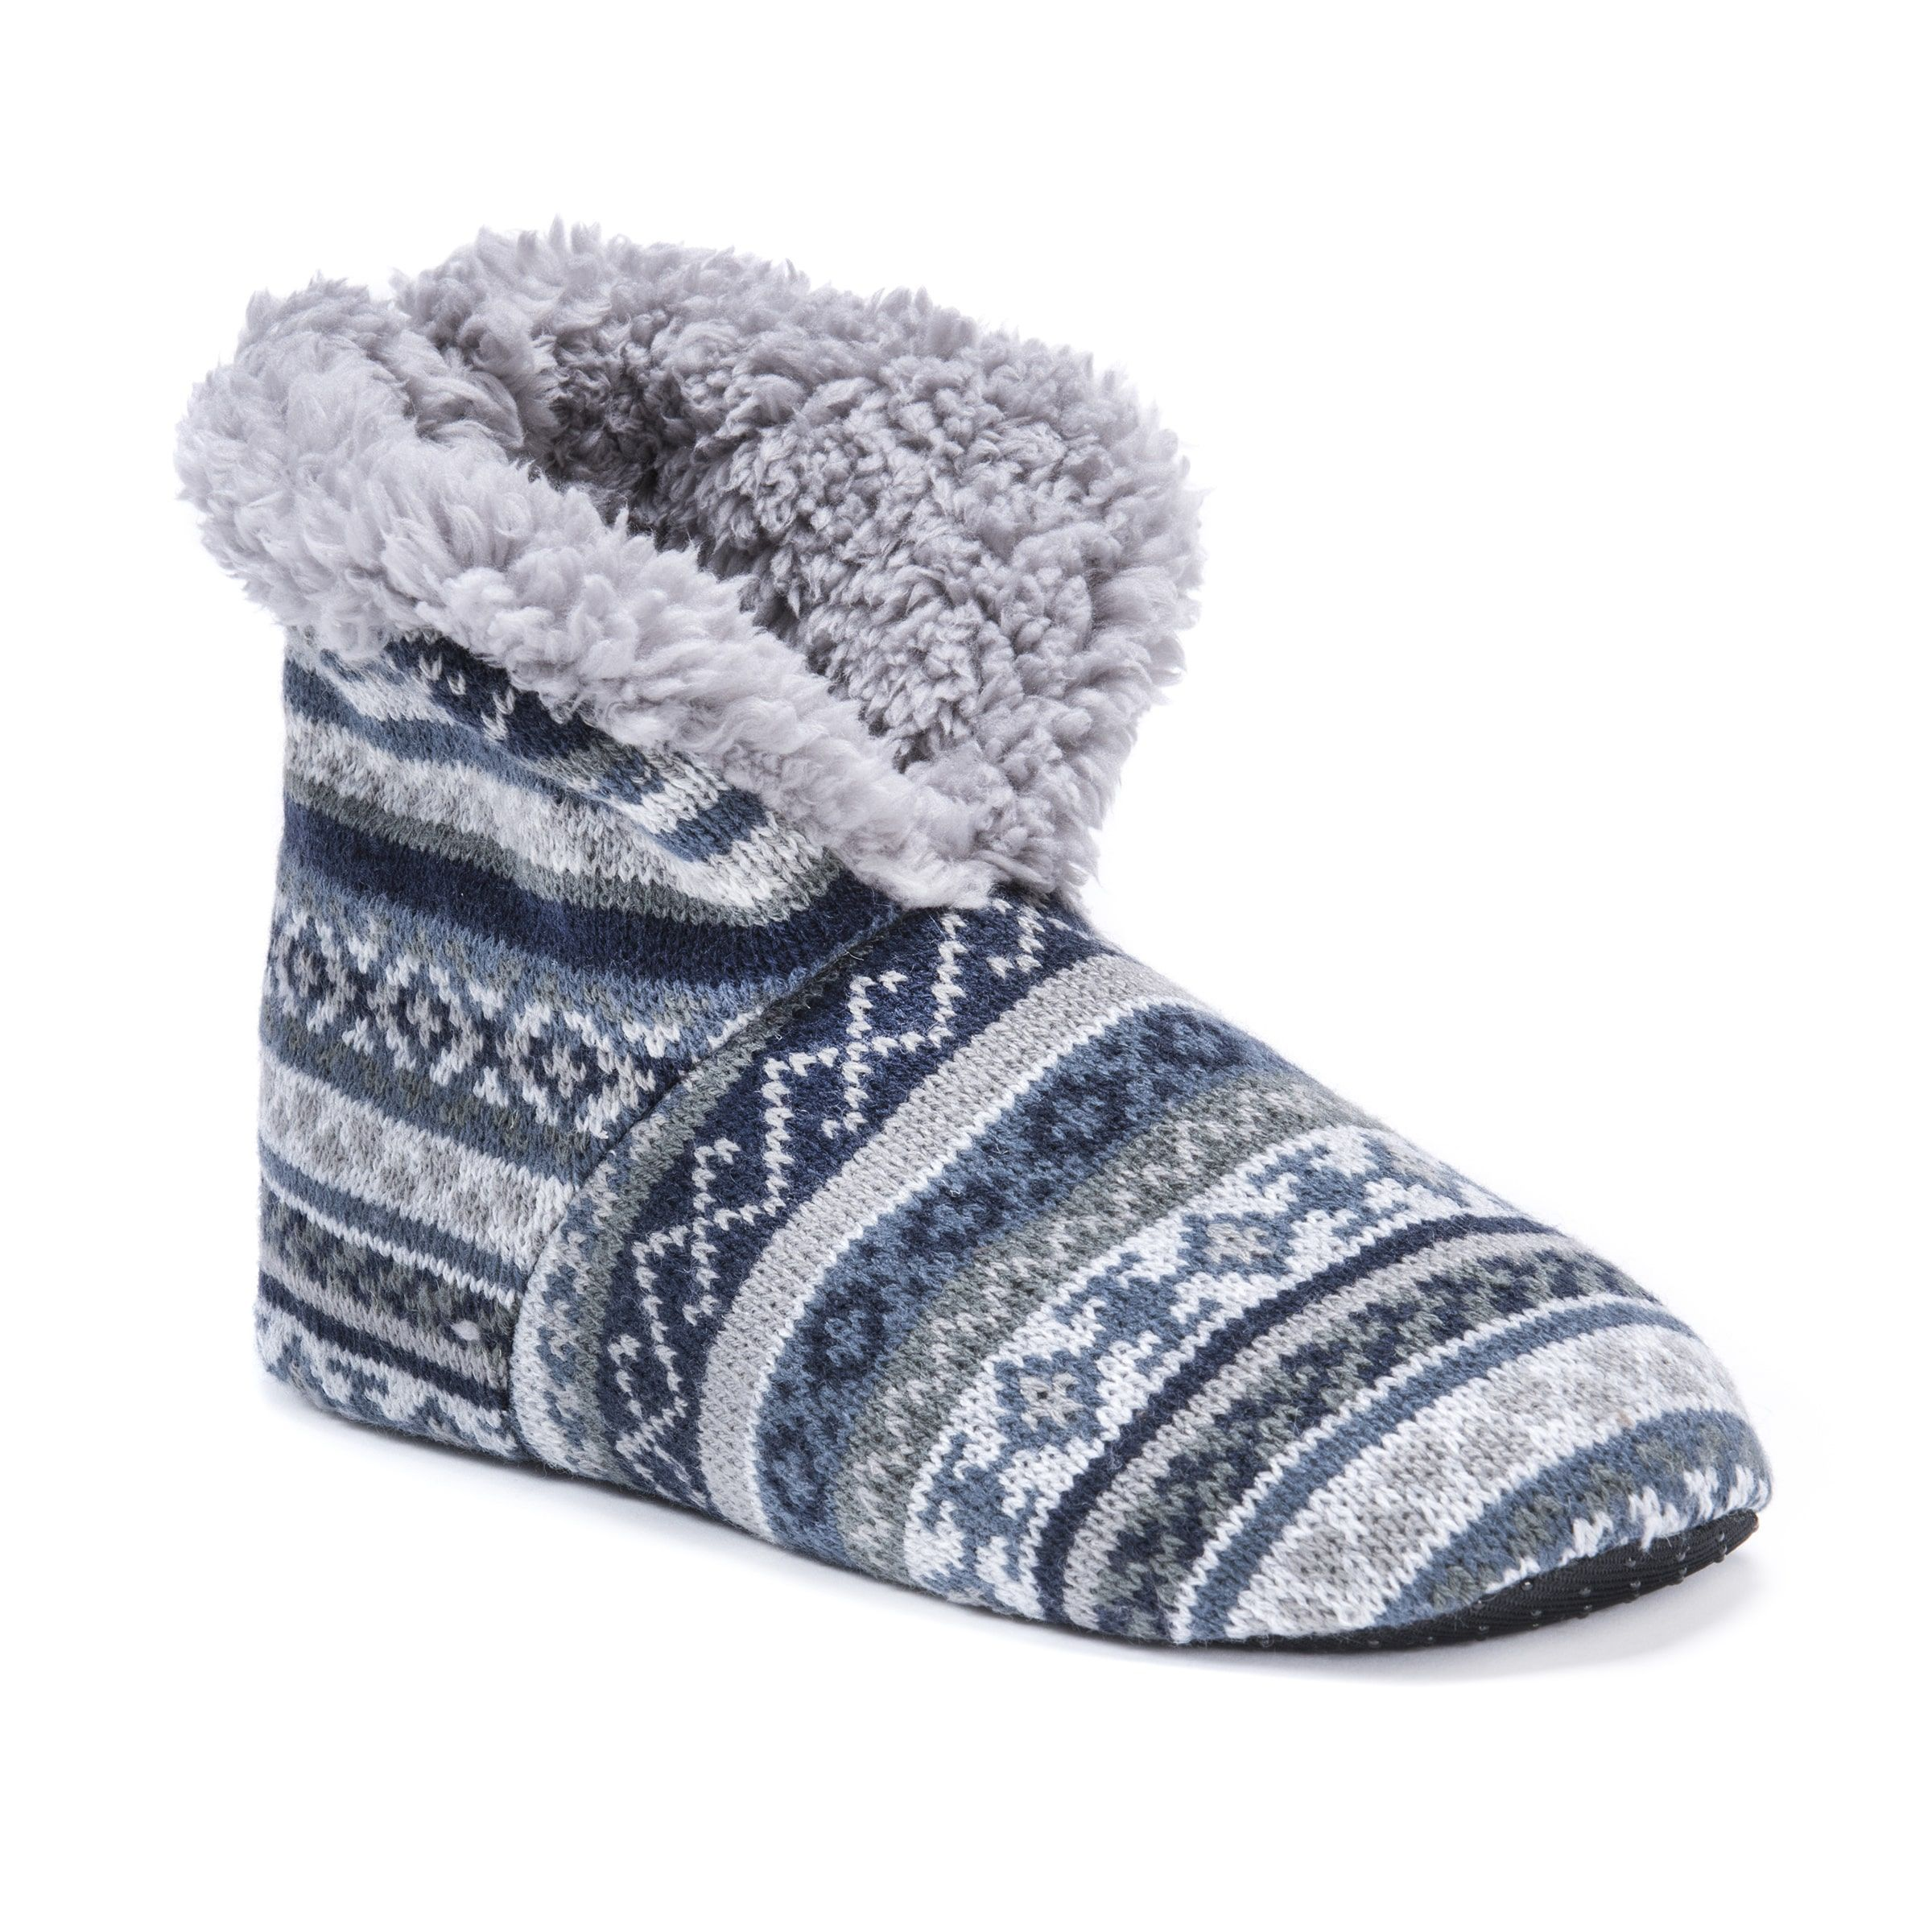 543410fc3b446 MUK Luks® Men's Slipper Booties | Slippers | Mens slippers, Slippers ...